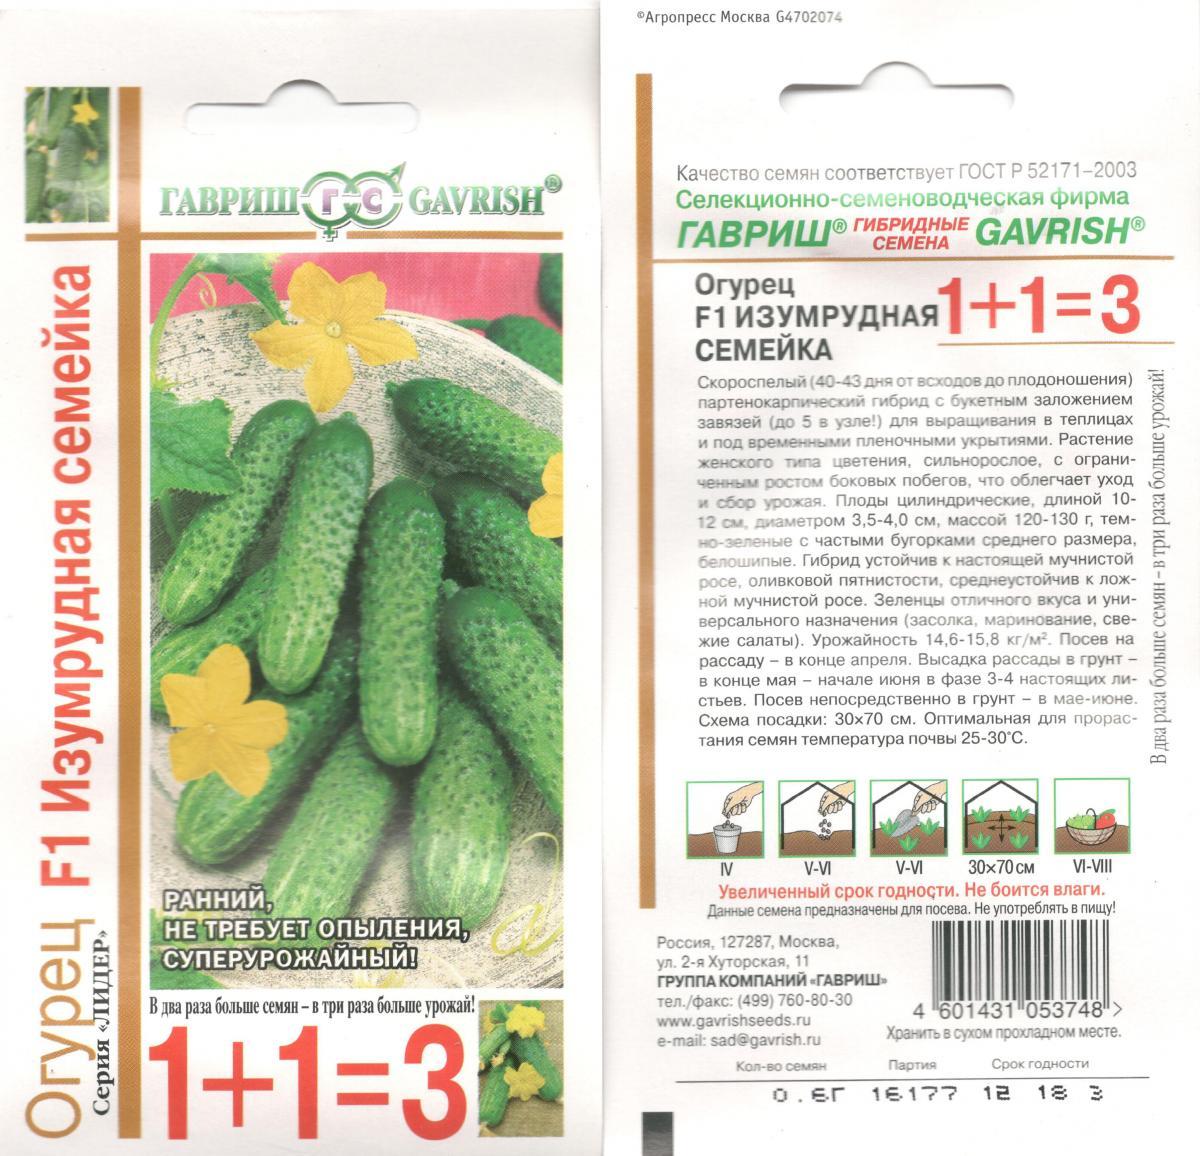 Огурцы дружная семейка описание и характеристика сорта урожайность с фото